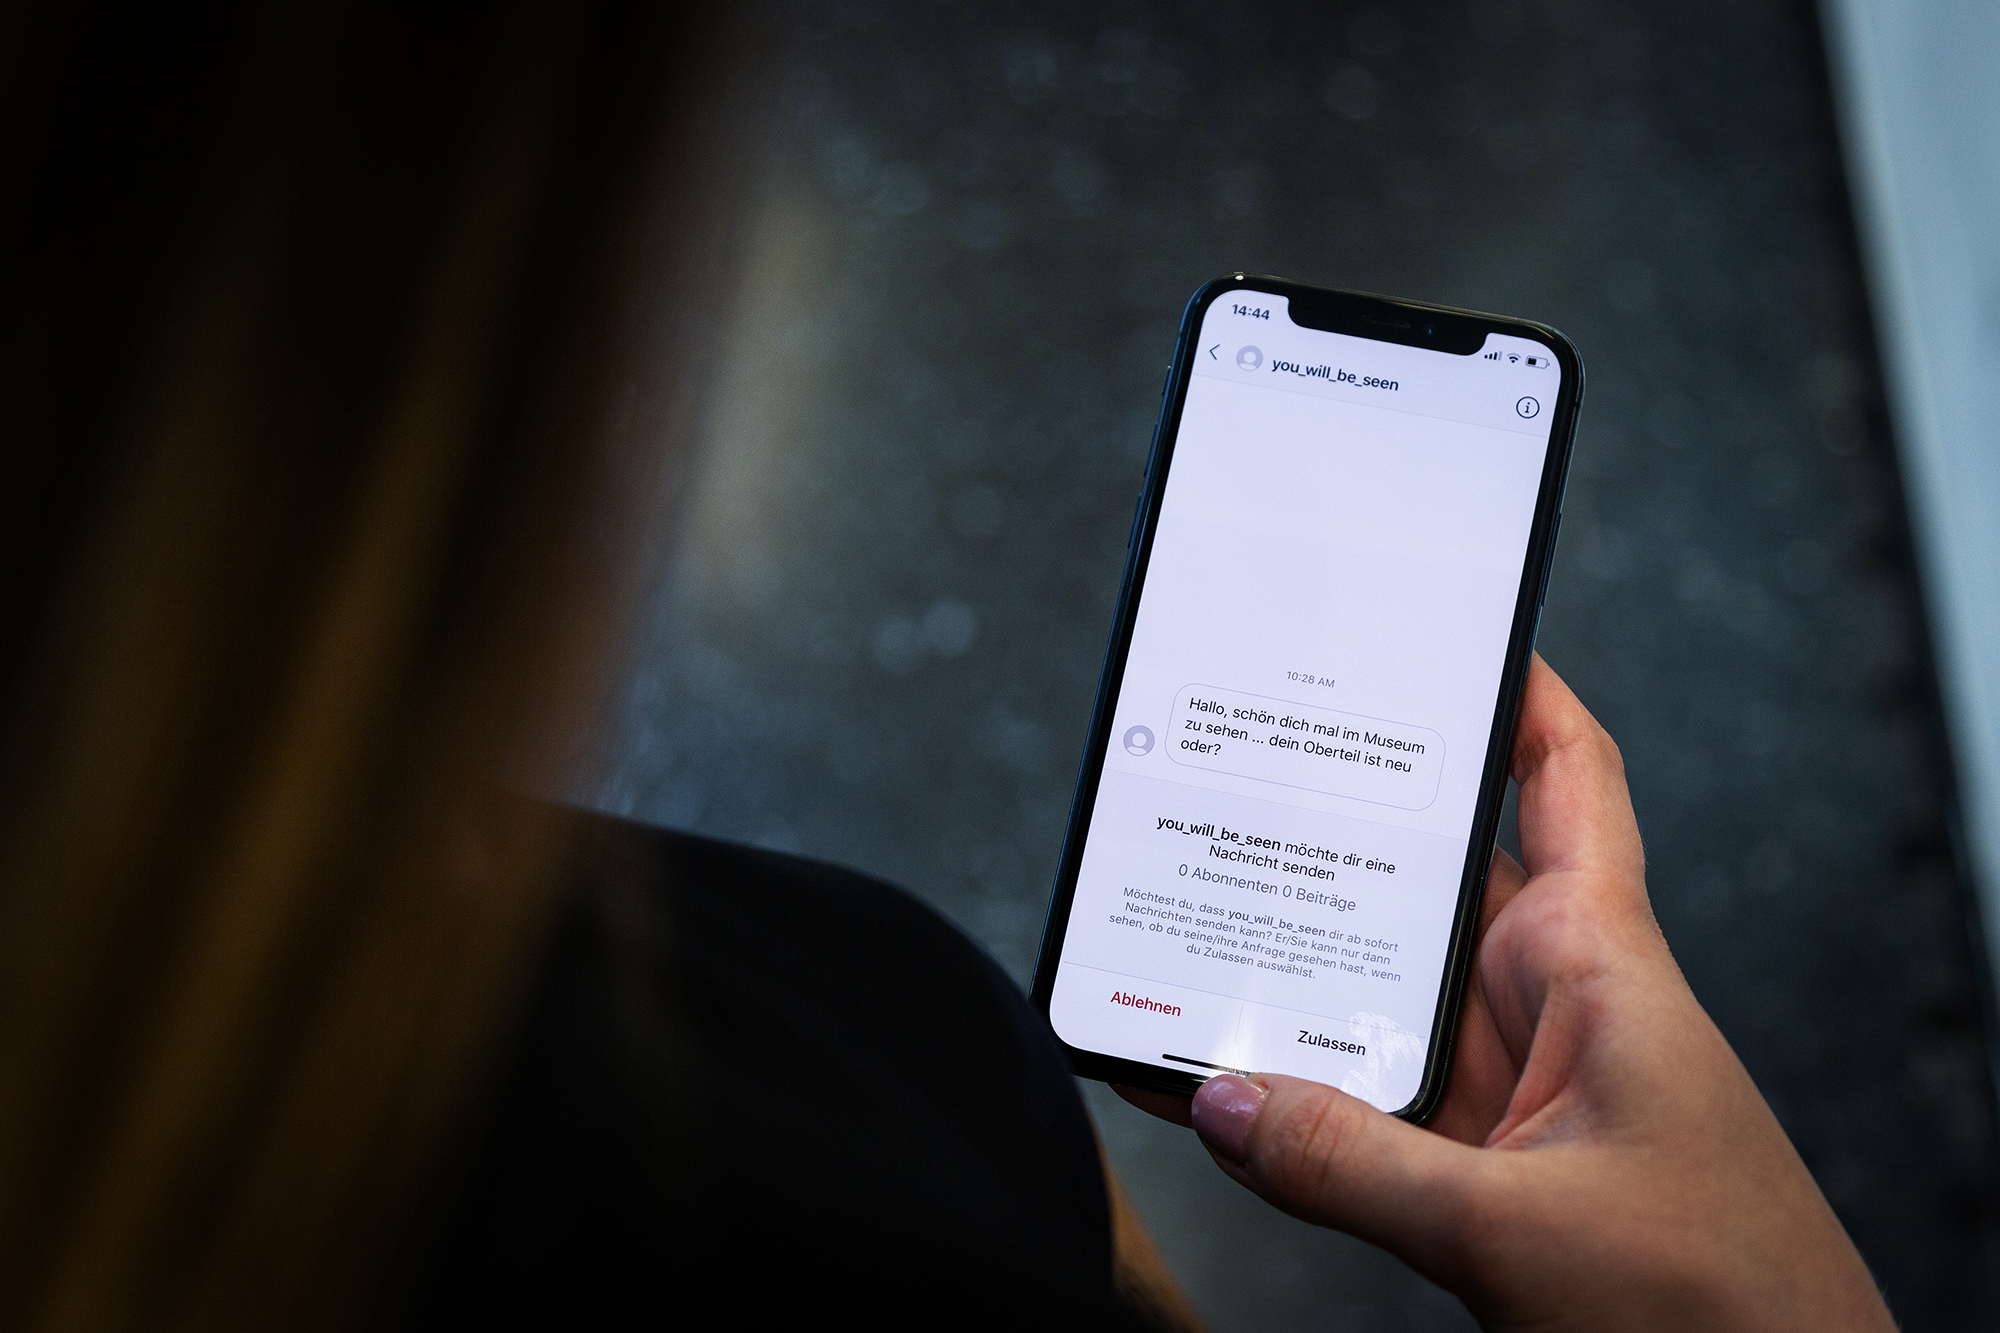 Eine Person hält ein Smartphone in der Hand auf dem man eine Nachricht von einem sozialen Netzwerk lesen kann.